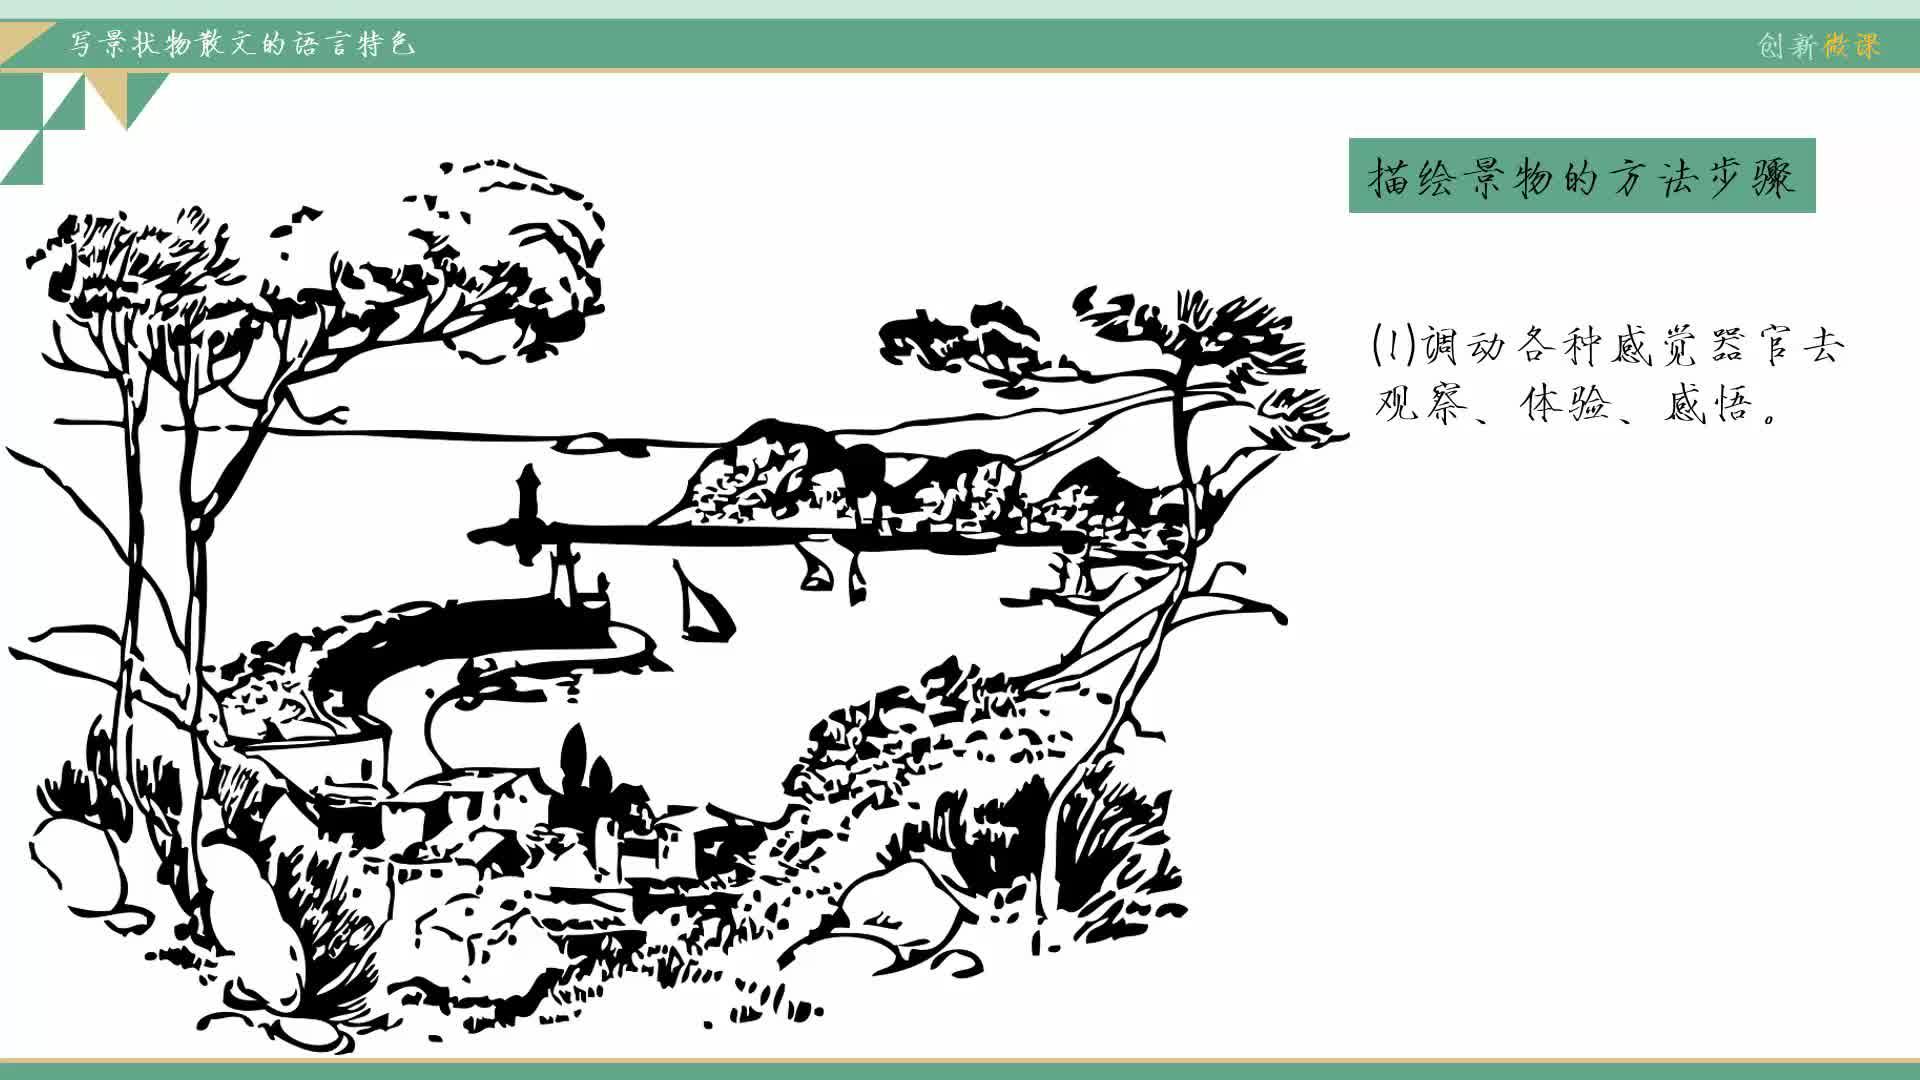 鲁教版 九年级语文:写景状物散文的特色-视频微课堂